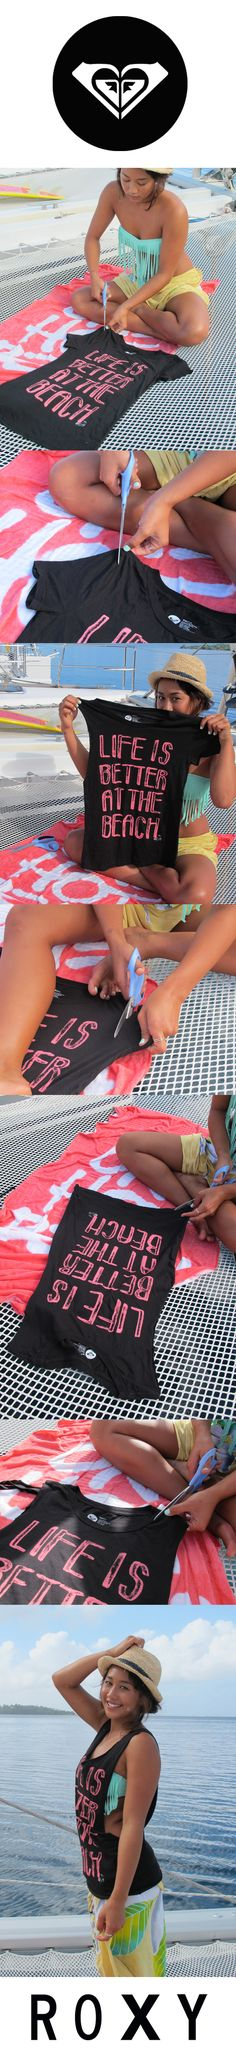 Roxy T-Shirt DIY with Kelia Moniz! So easy to do! #DAREYOURSELF